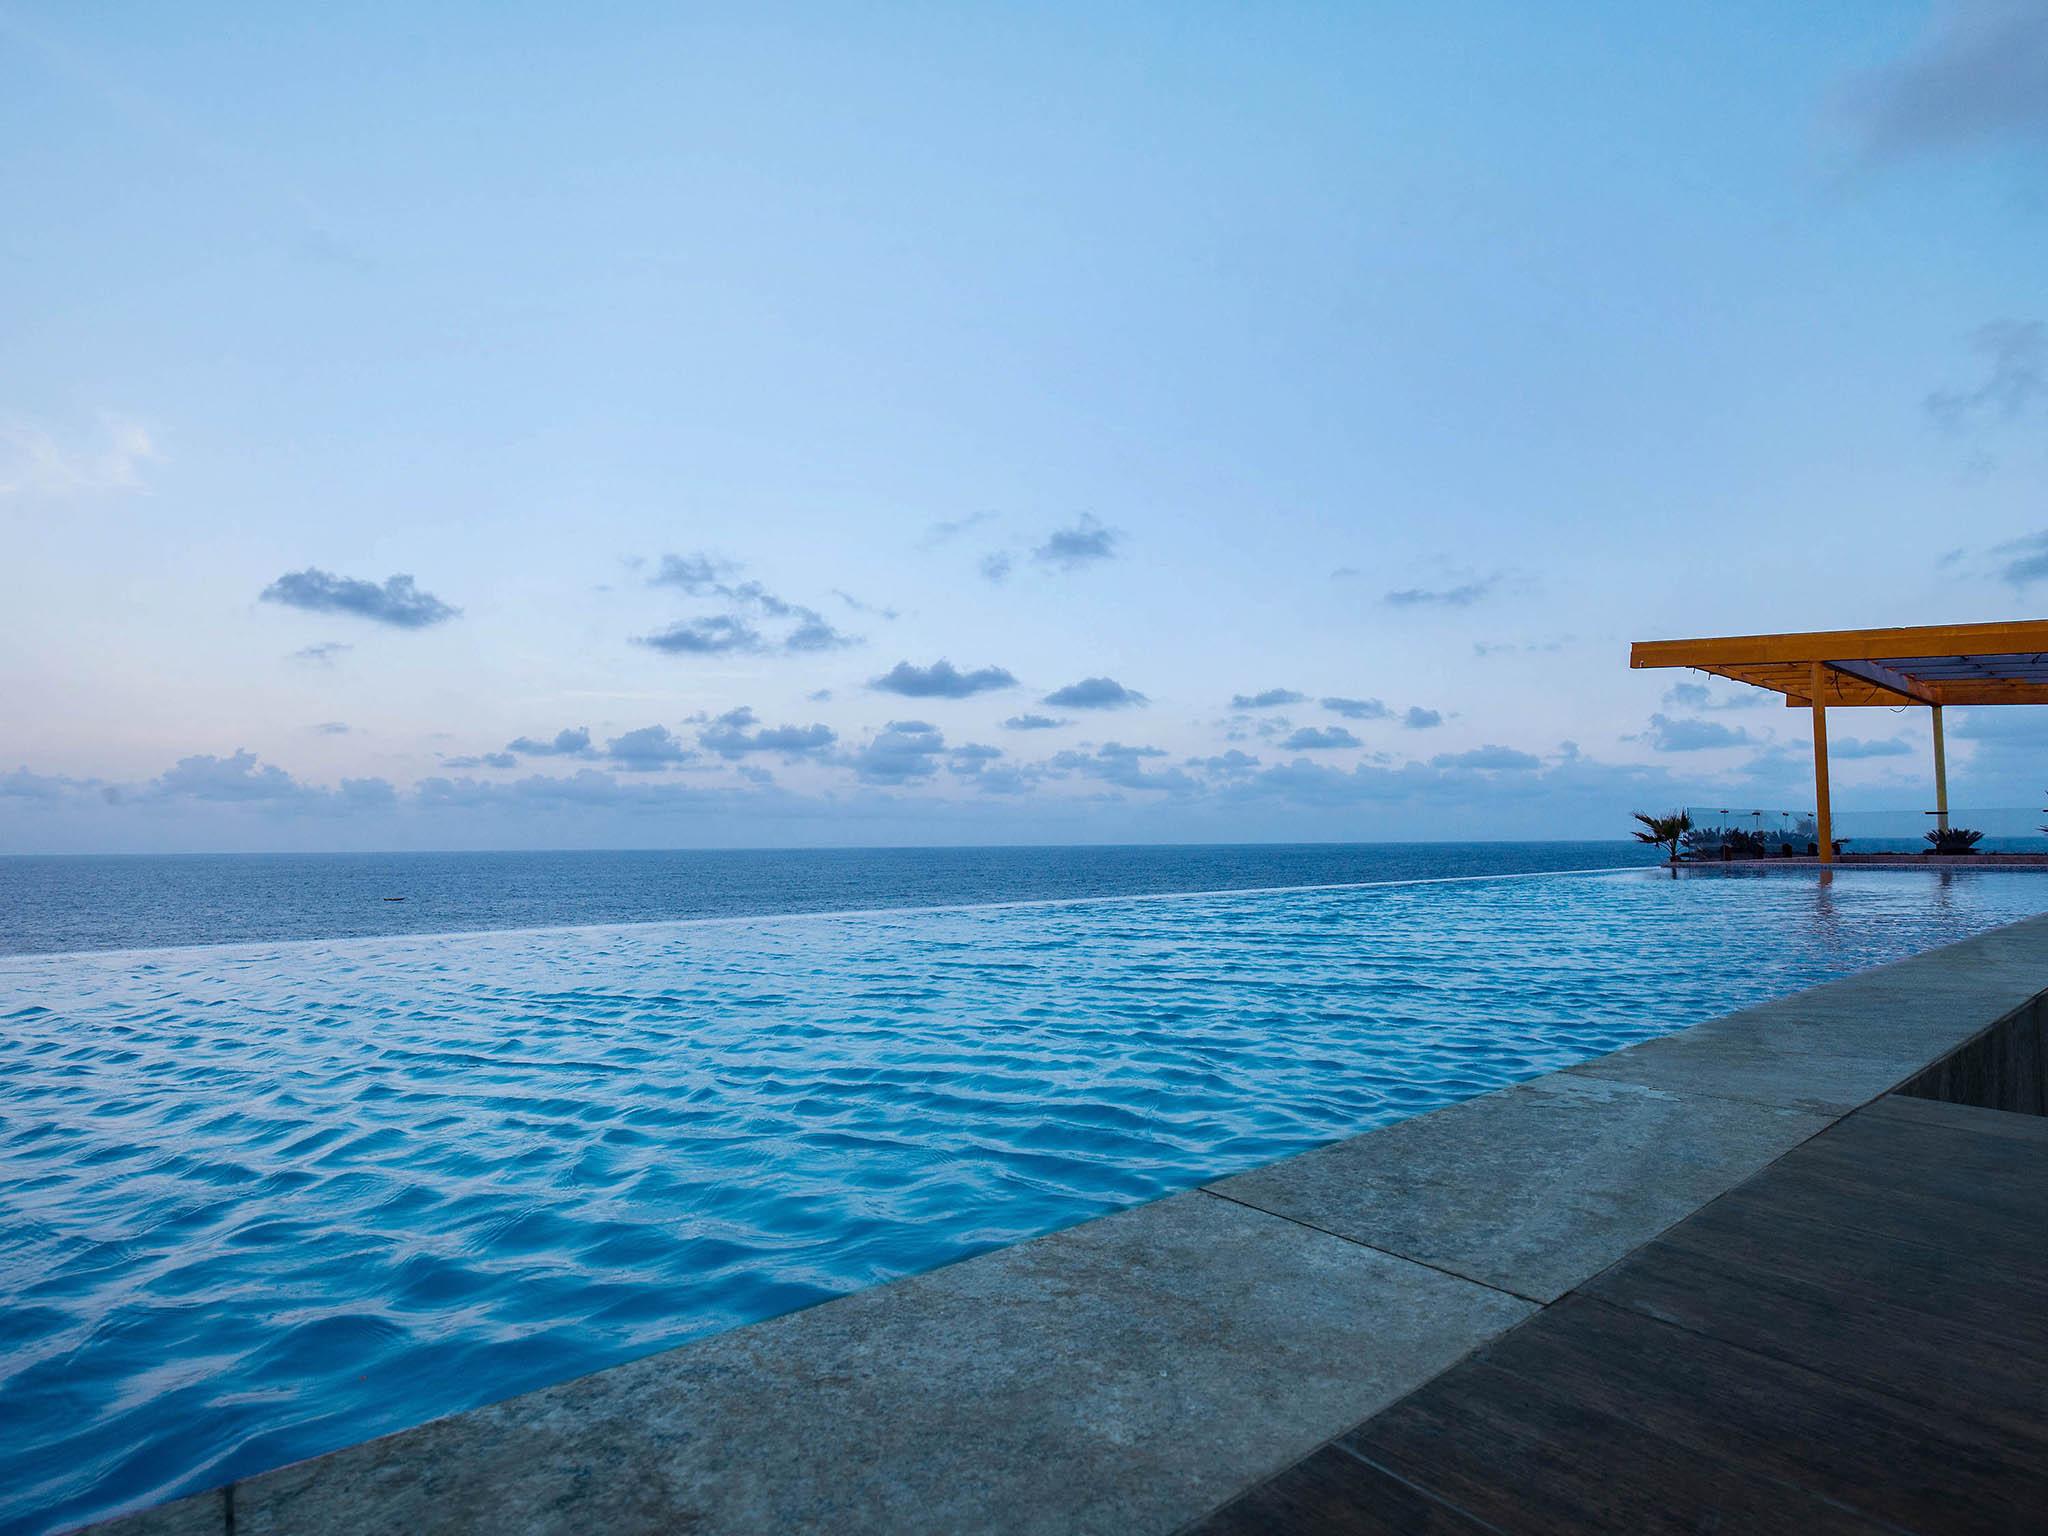 โรงแรม – The Bheemli Resort - Managed by AccorHotels